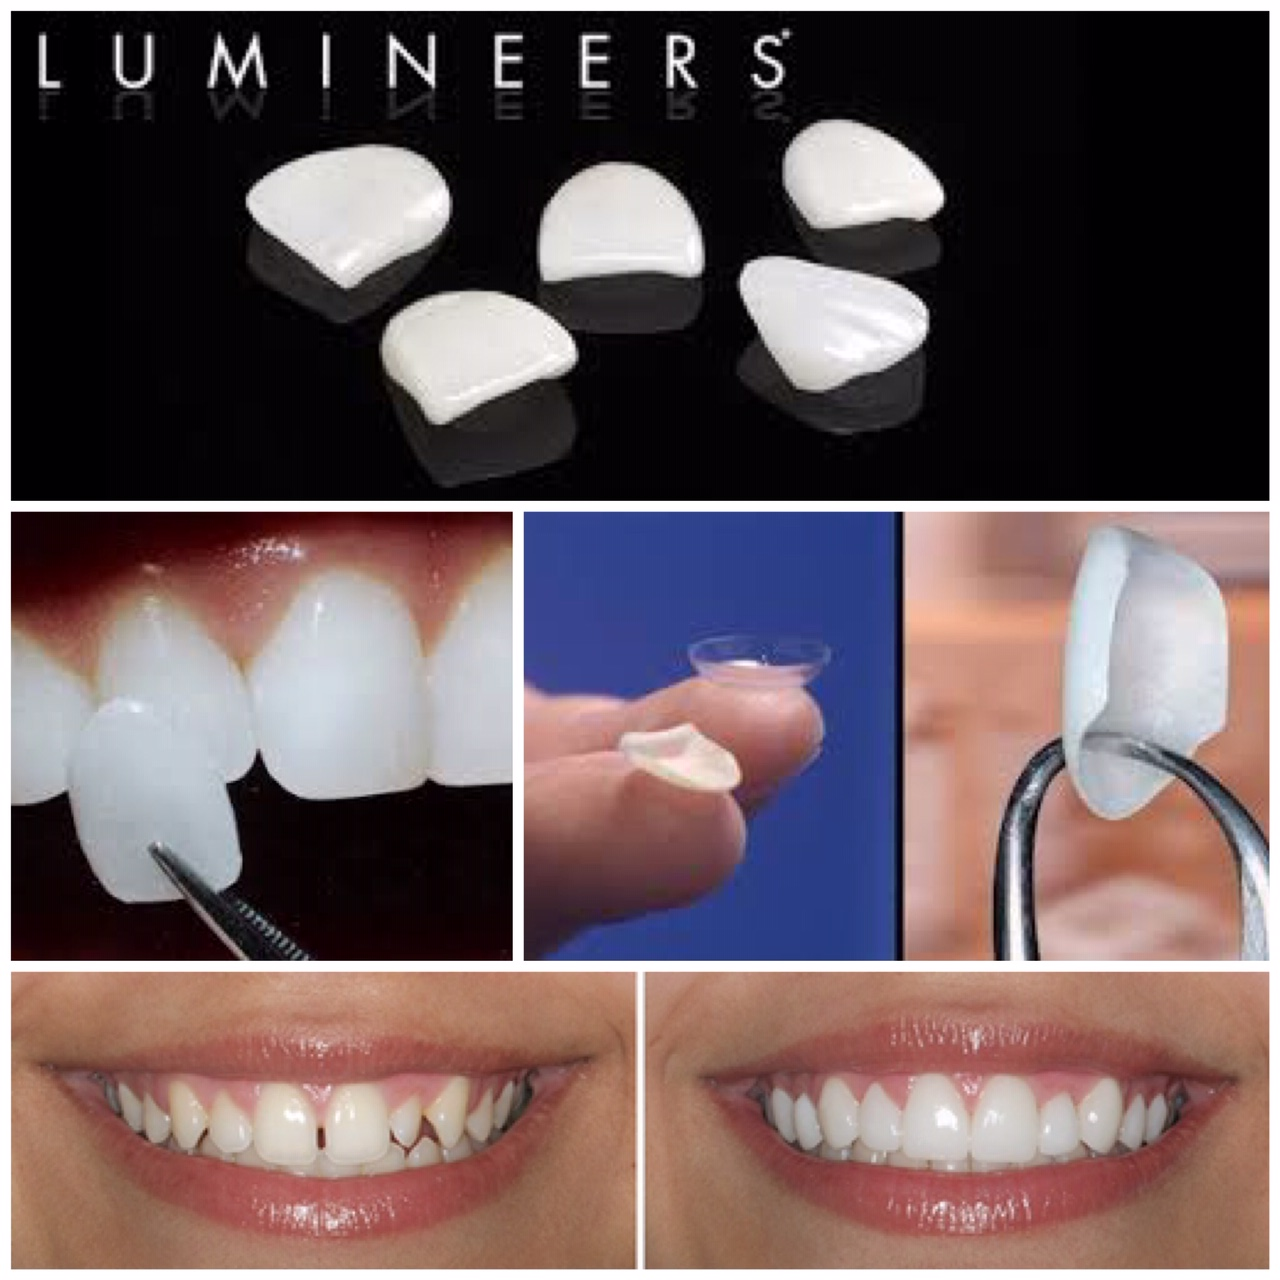 LUMINEERS